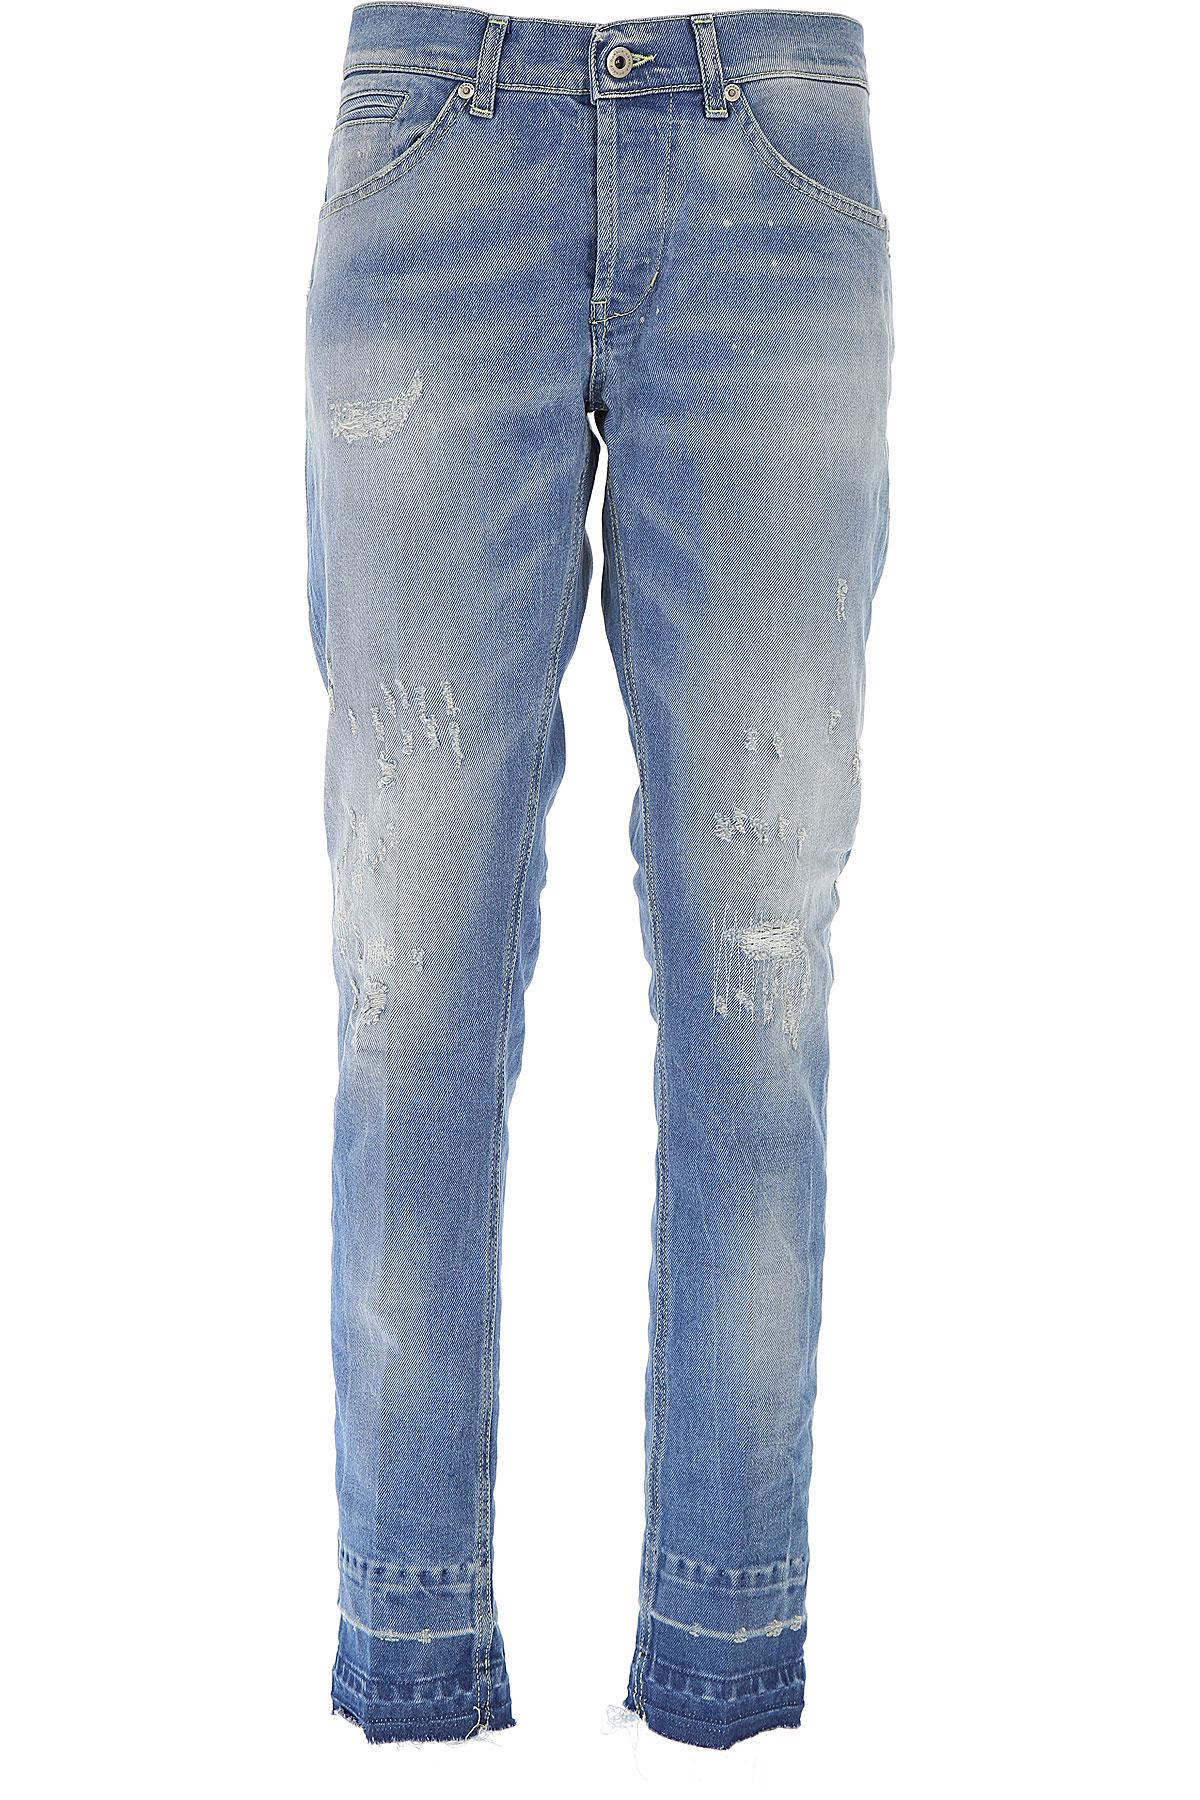 Dondup Jeans, Denim Blue, Cotton, 2017, 30 31 32 33 34 35 36